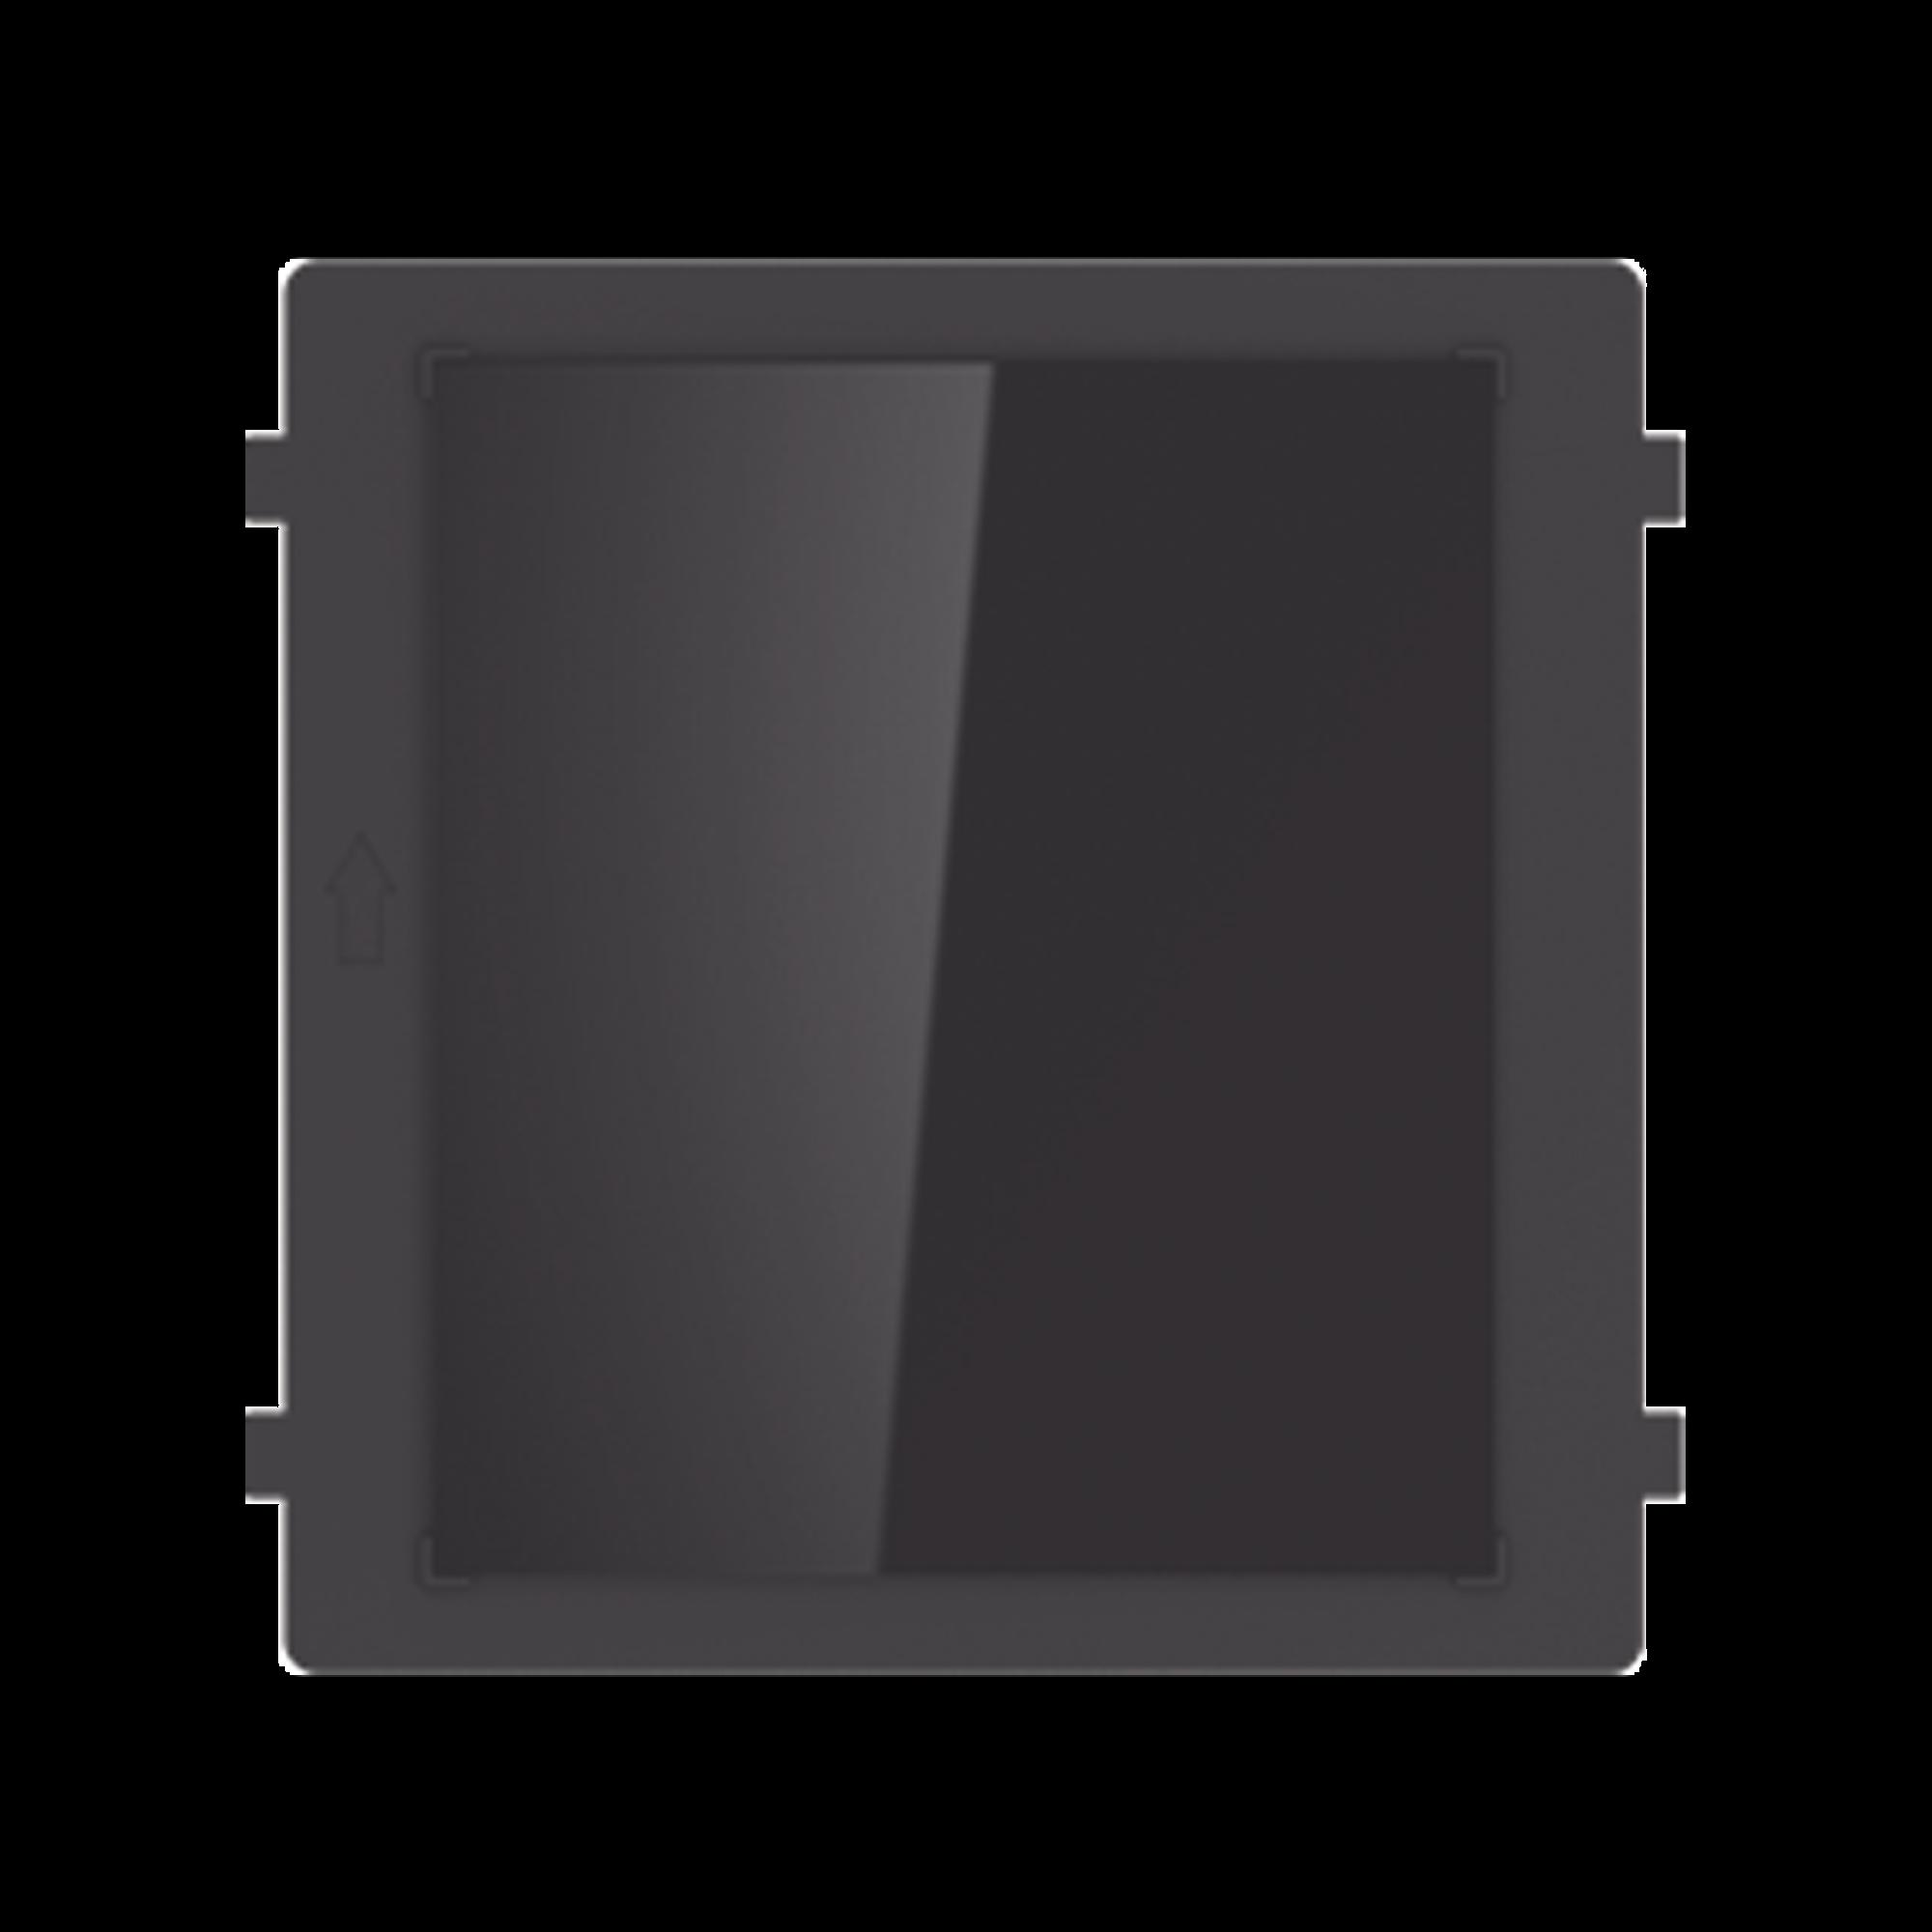 Modulo de Tapa Ciega para Videoportero Modular